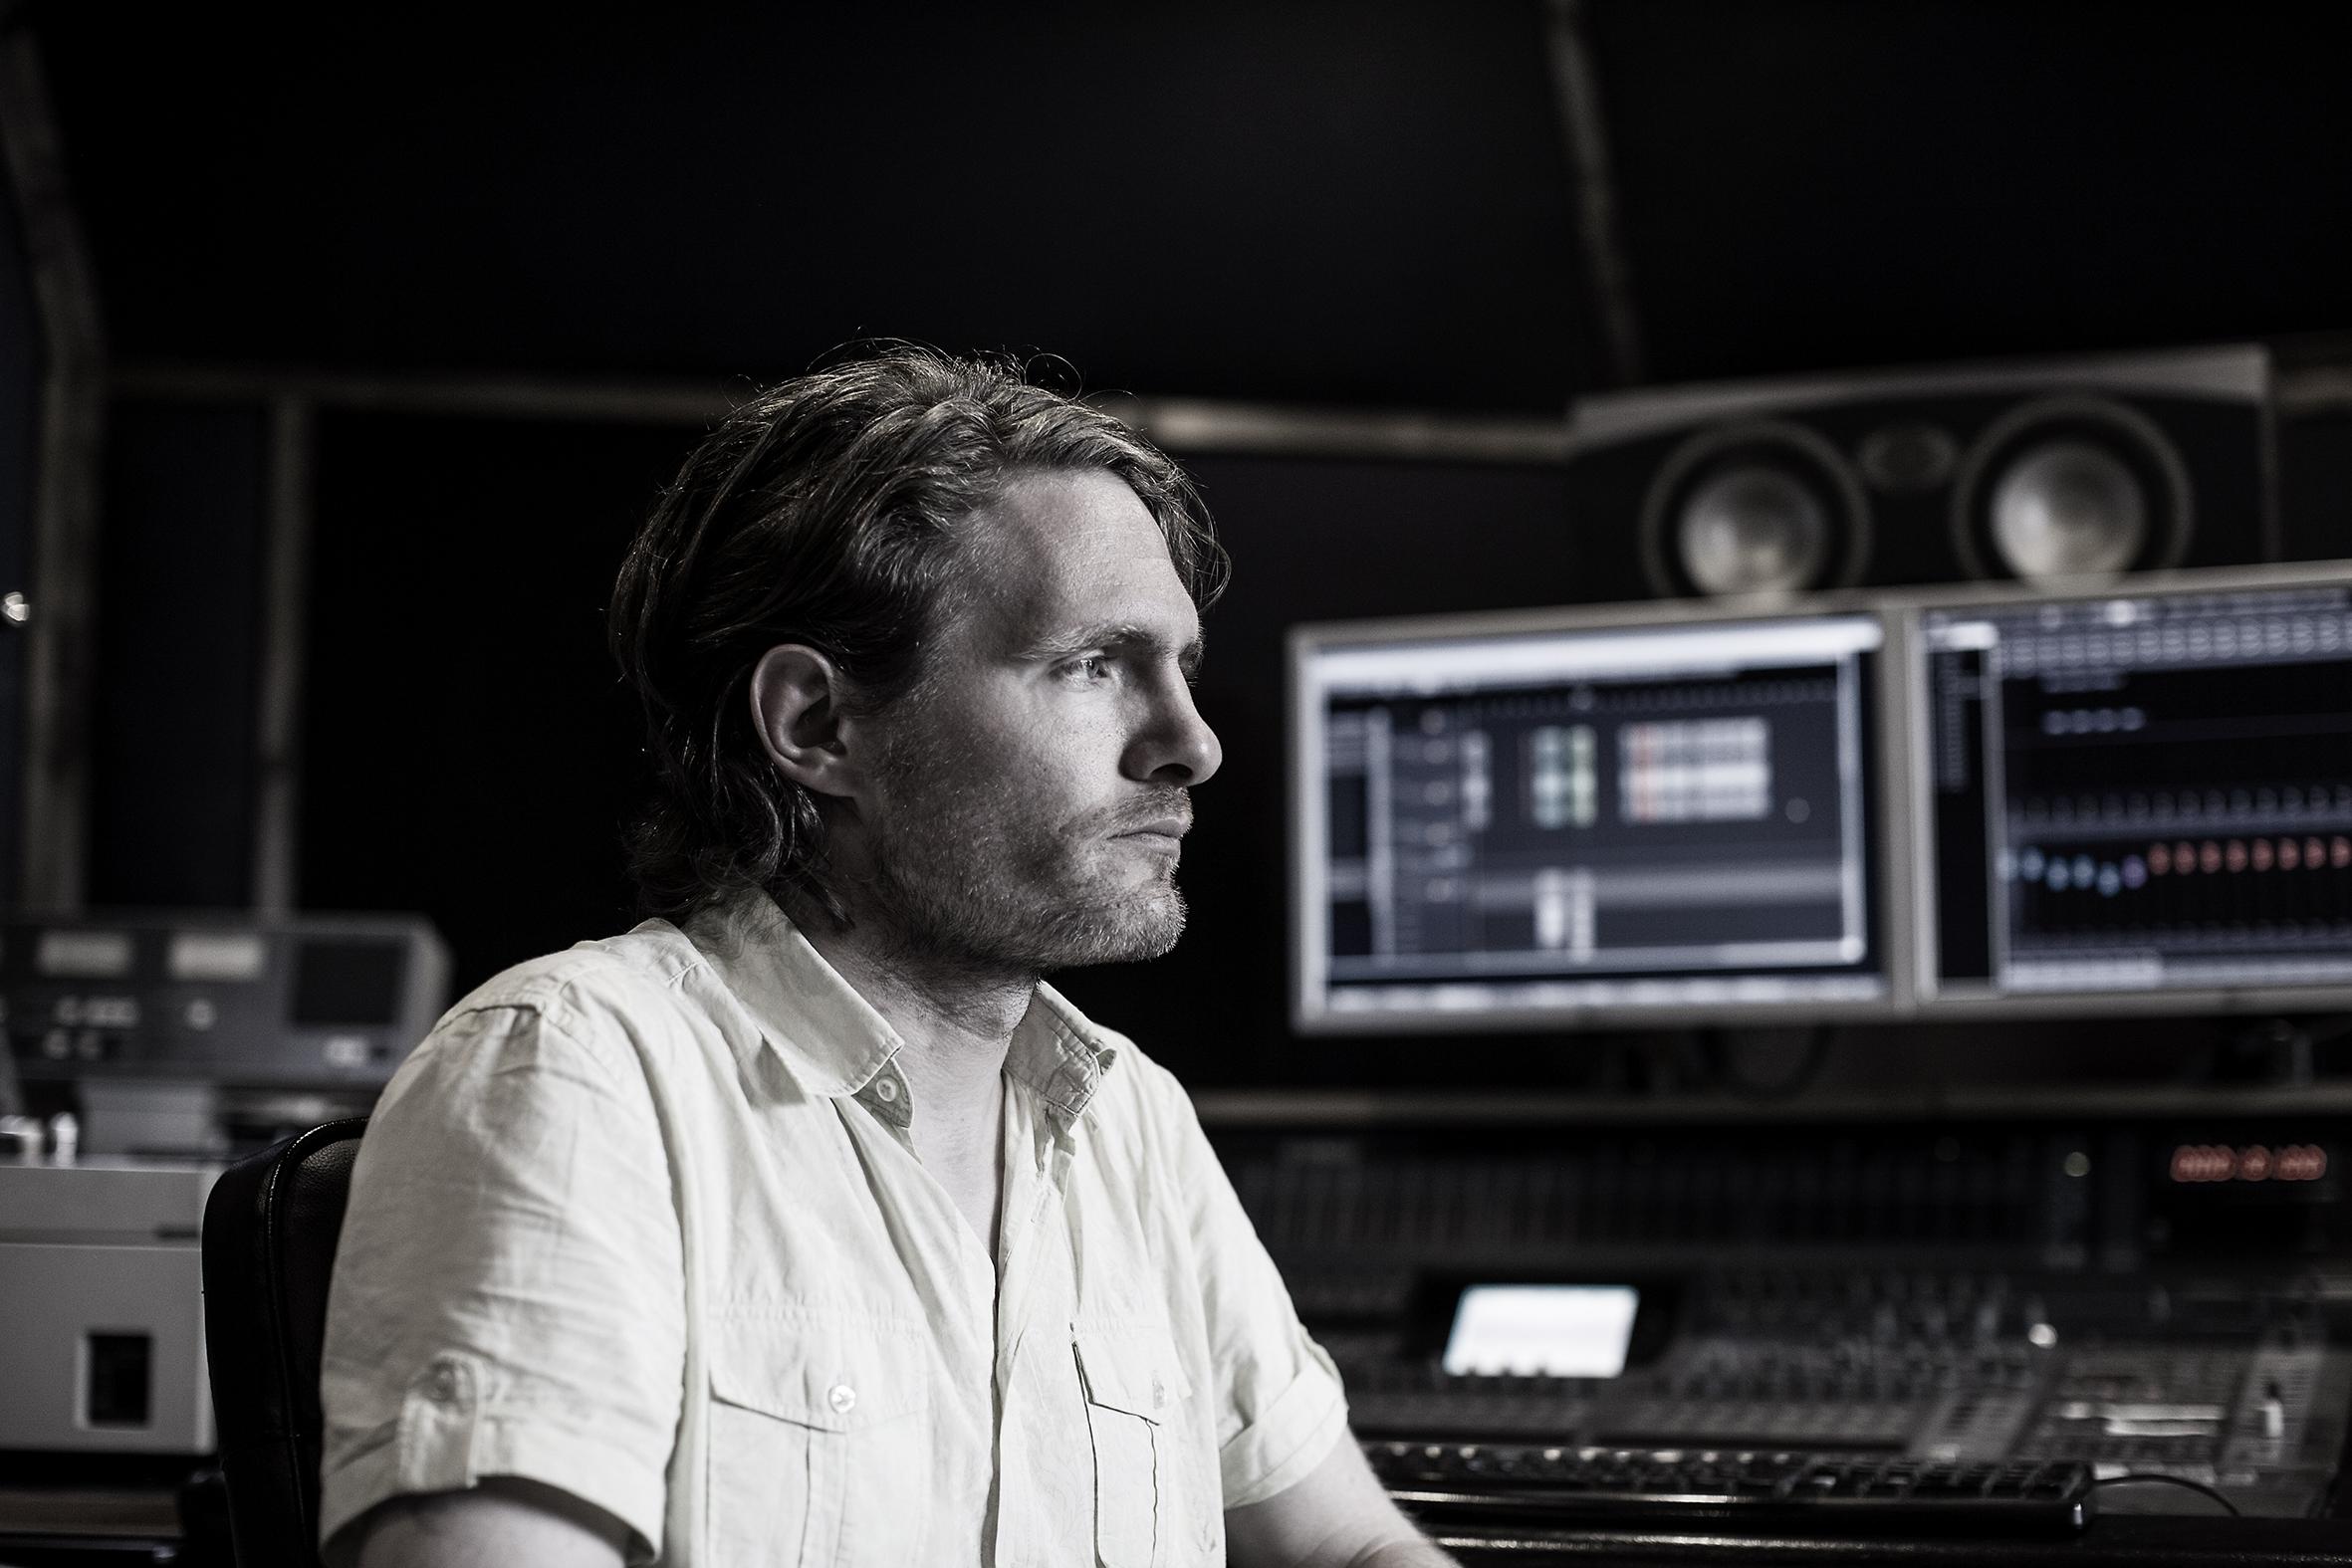 Danny. Composer, sound